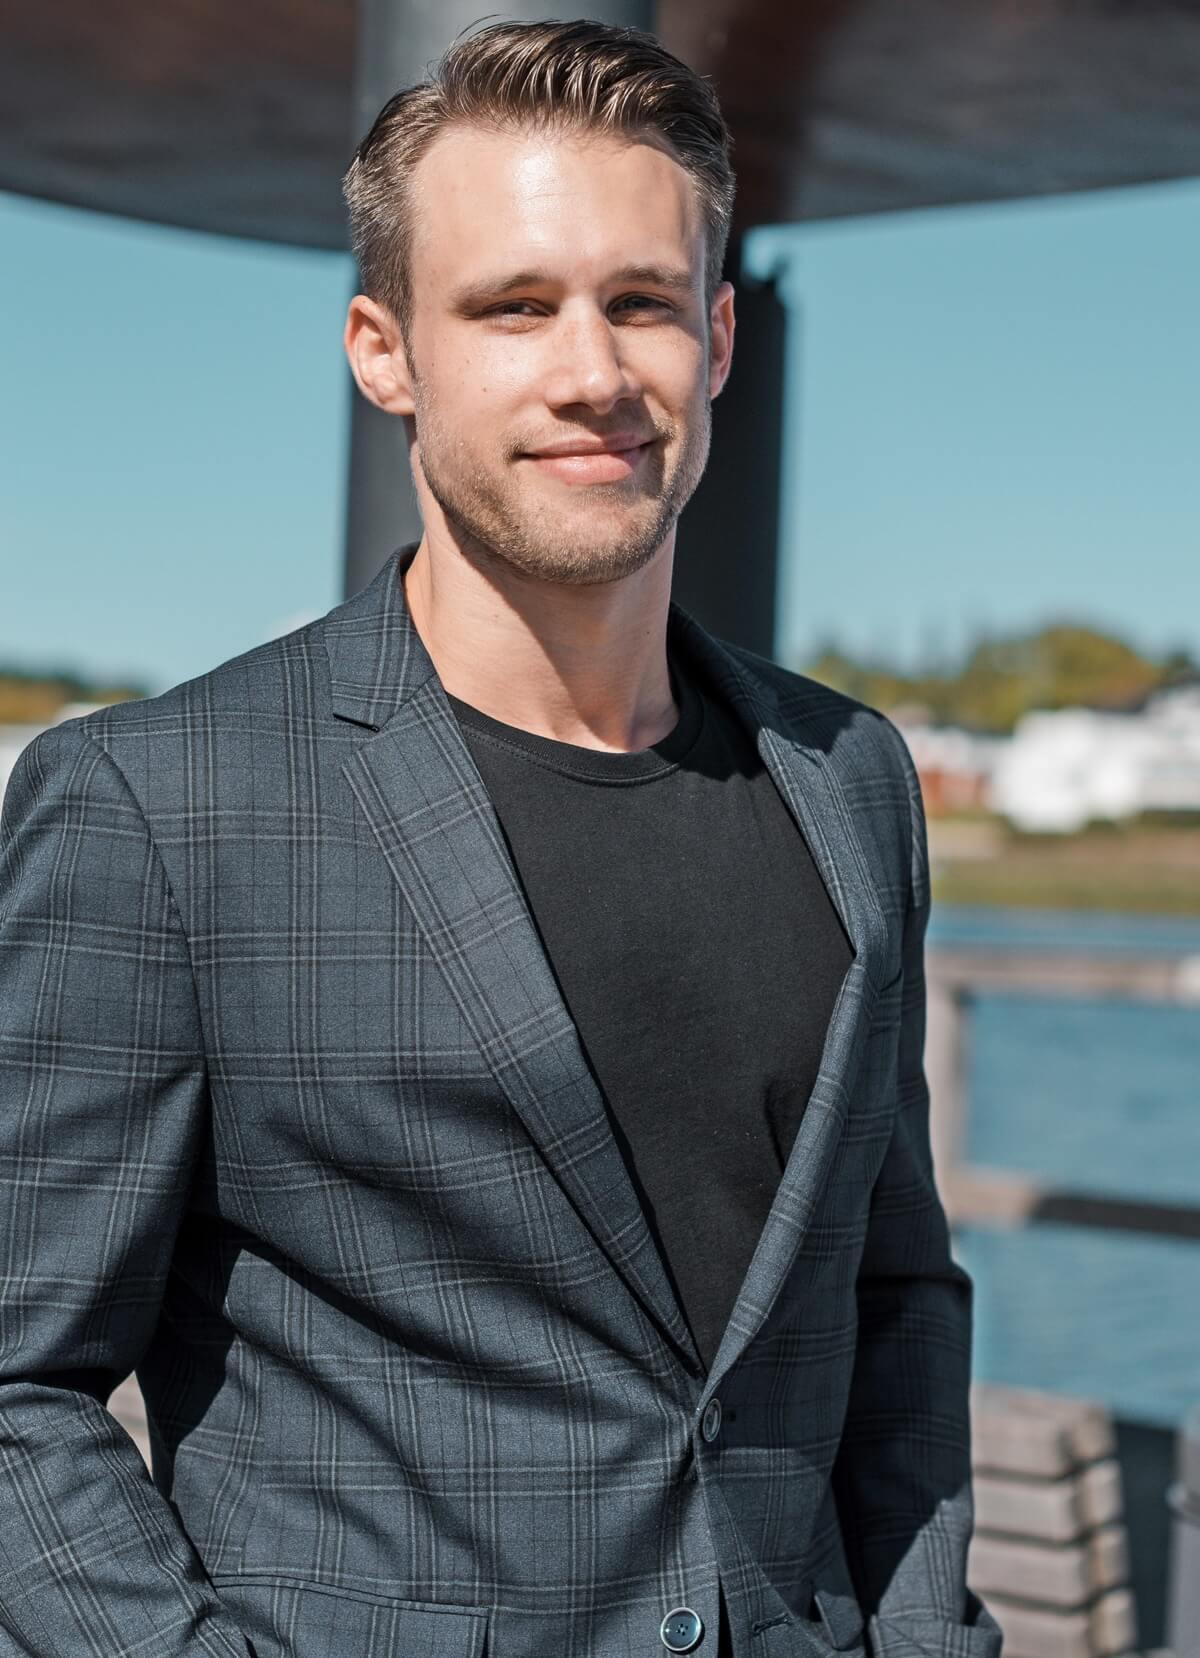 Florian Hoppe, der Inhaber von Moondrive Digital Media. Lebt in Dortmund.